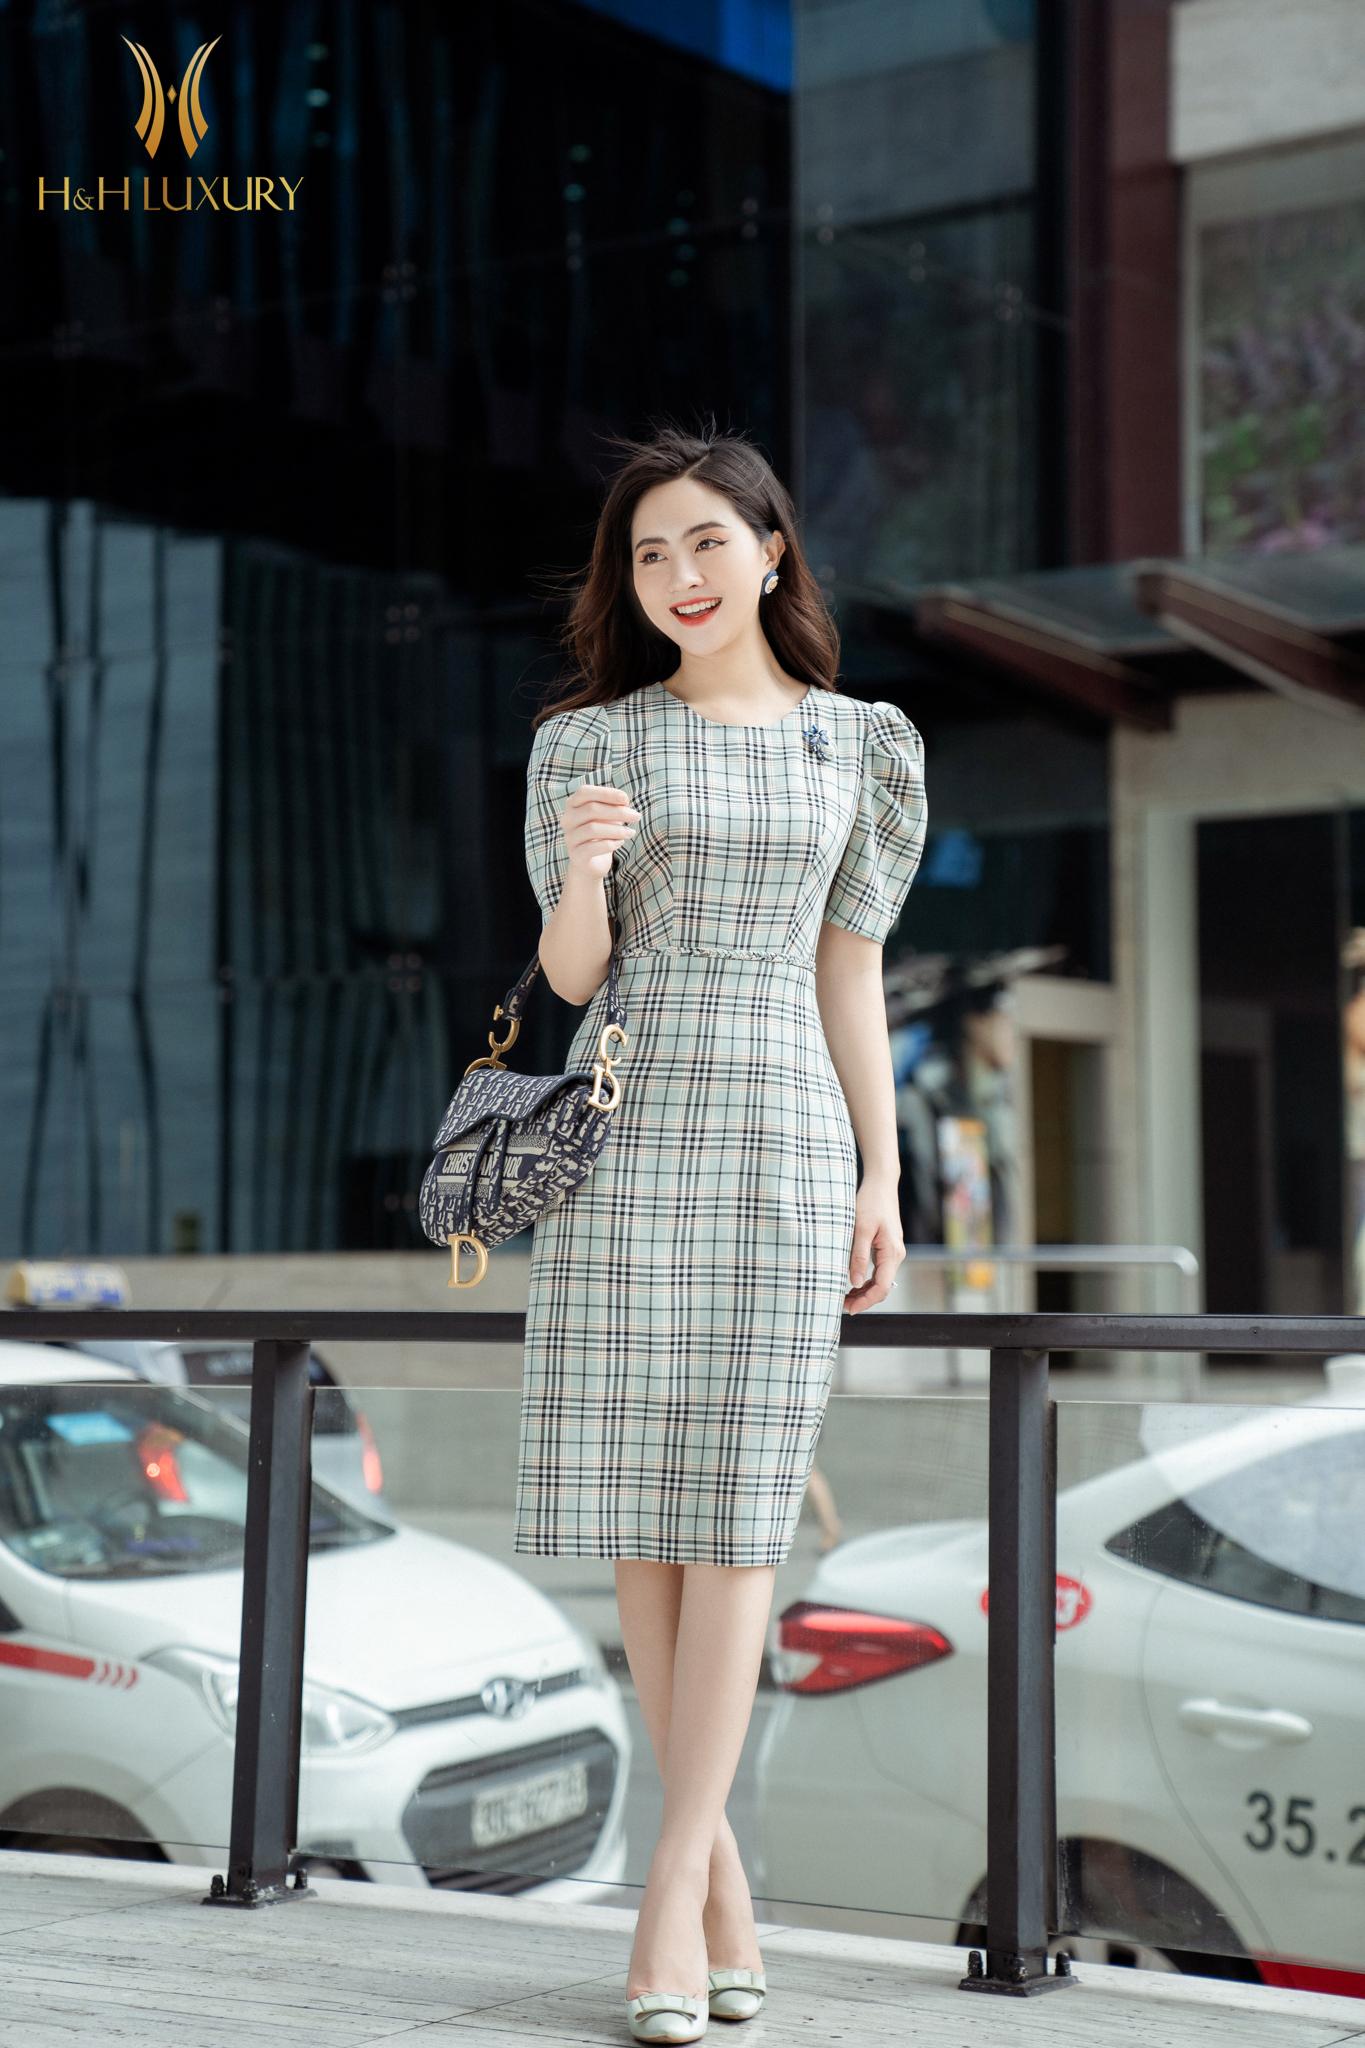 H&H Luxury - Một trong các hãng thời trang công sở nữ cao cấp nhất hiện nay